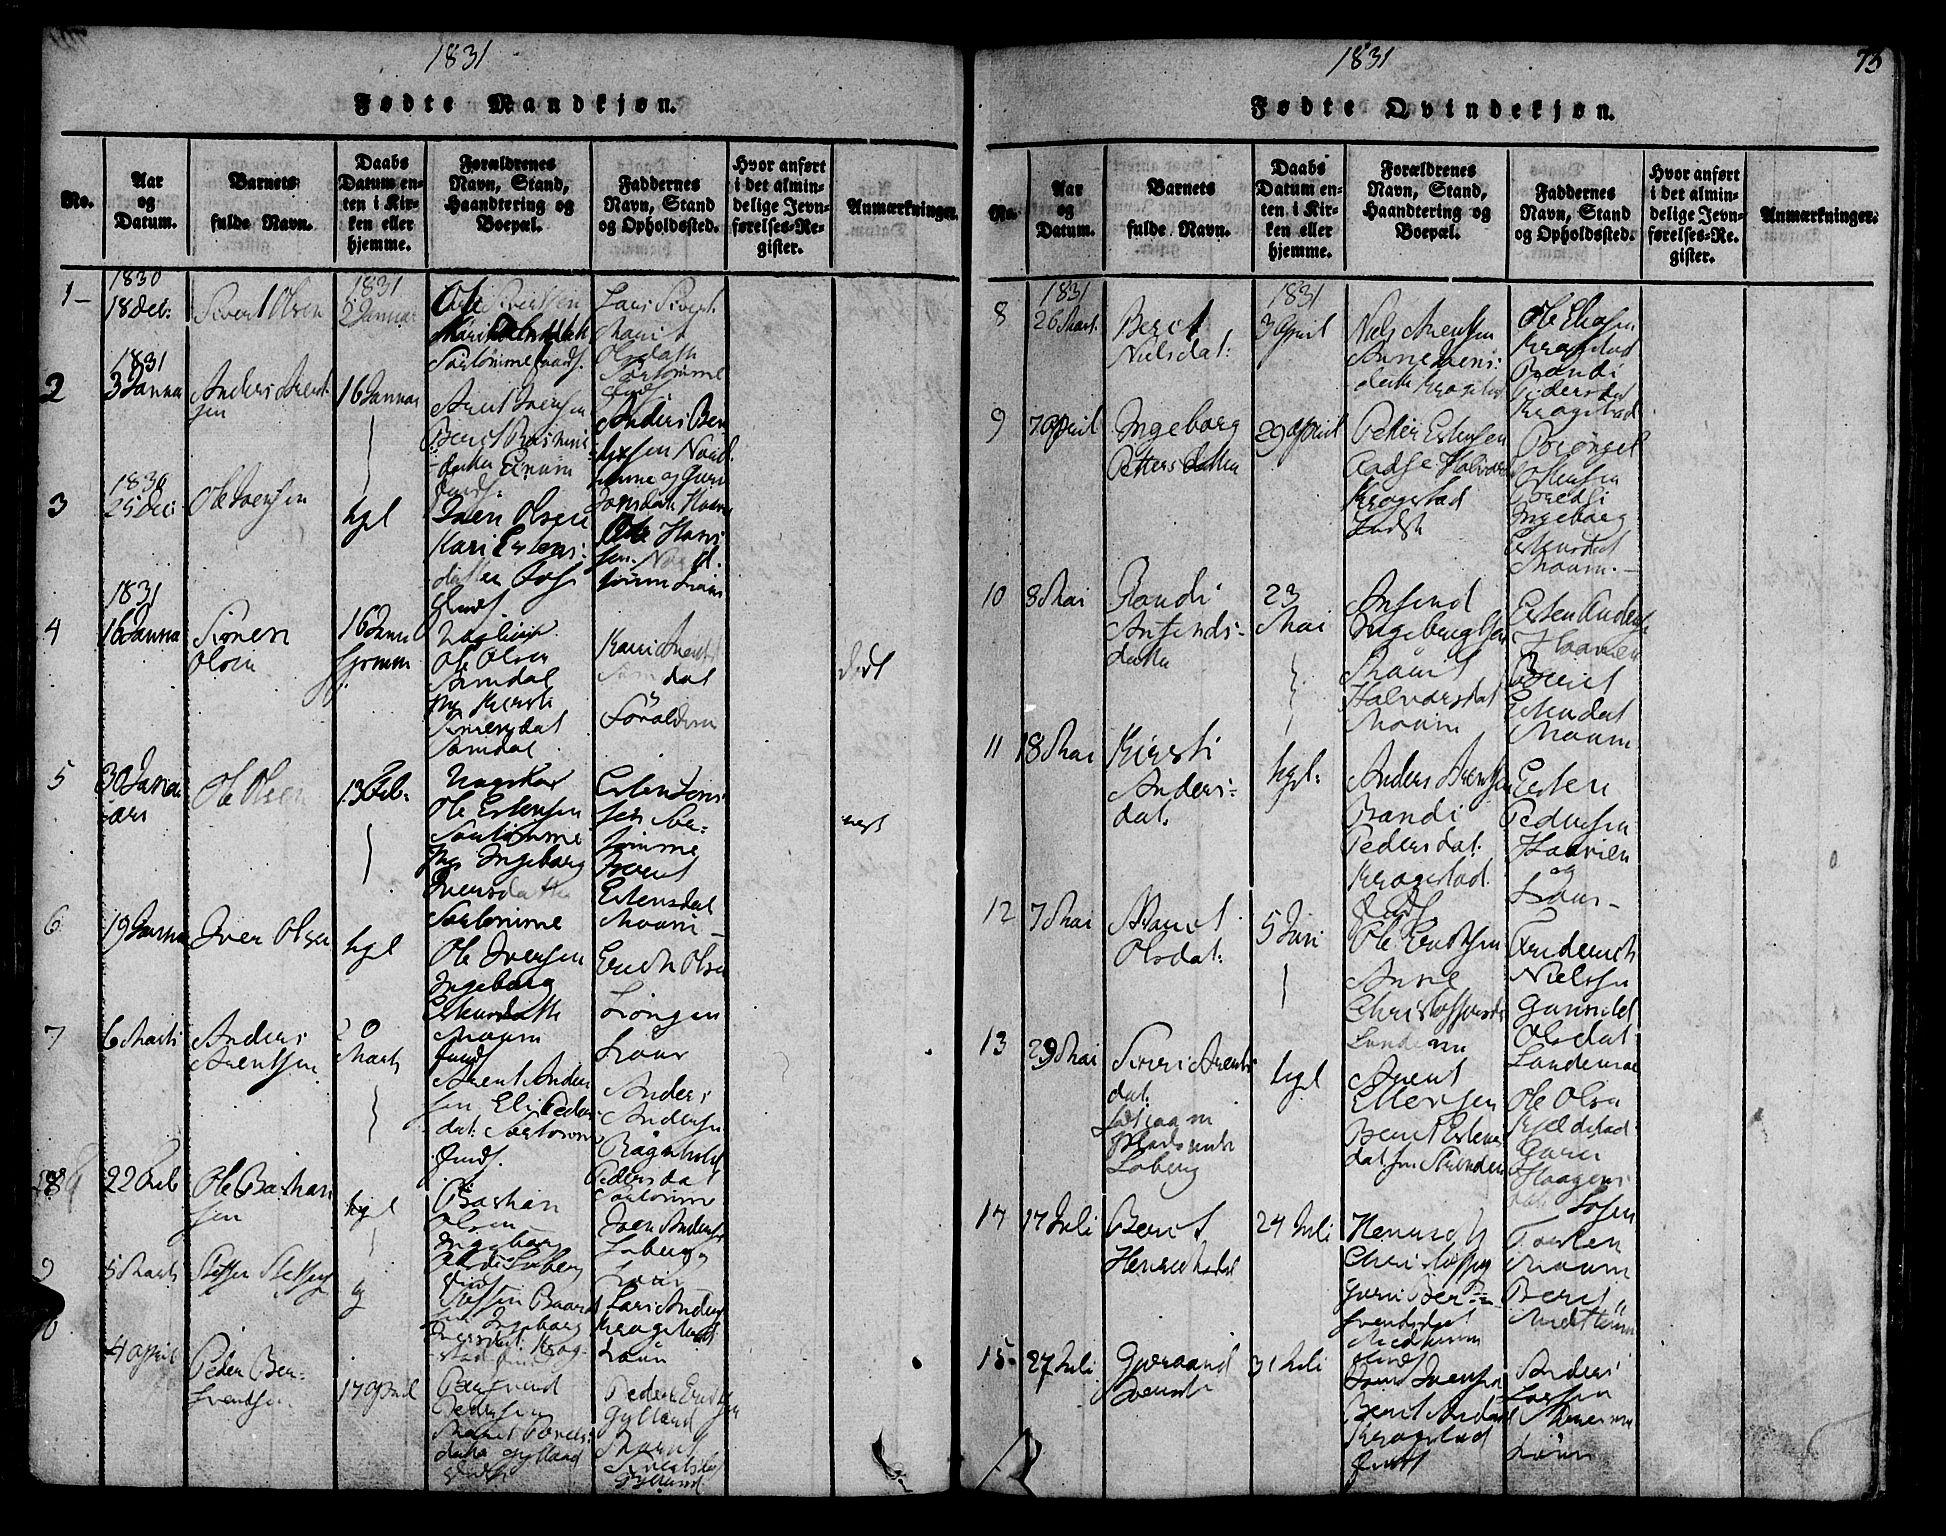 SAT, Ministerialprotokoller, klokkerbøker og fødselsregistre - Sør-Trøndelag, 692/L1102: Ministerialbok nr. 692A02, 1816-1842, s. 73